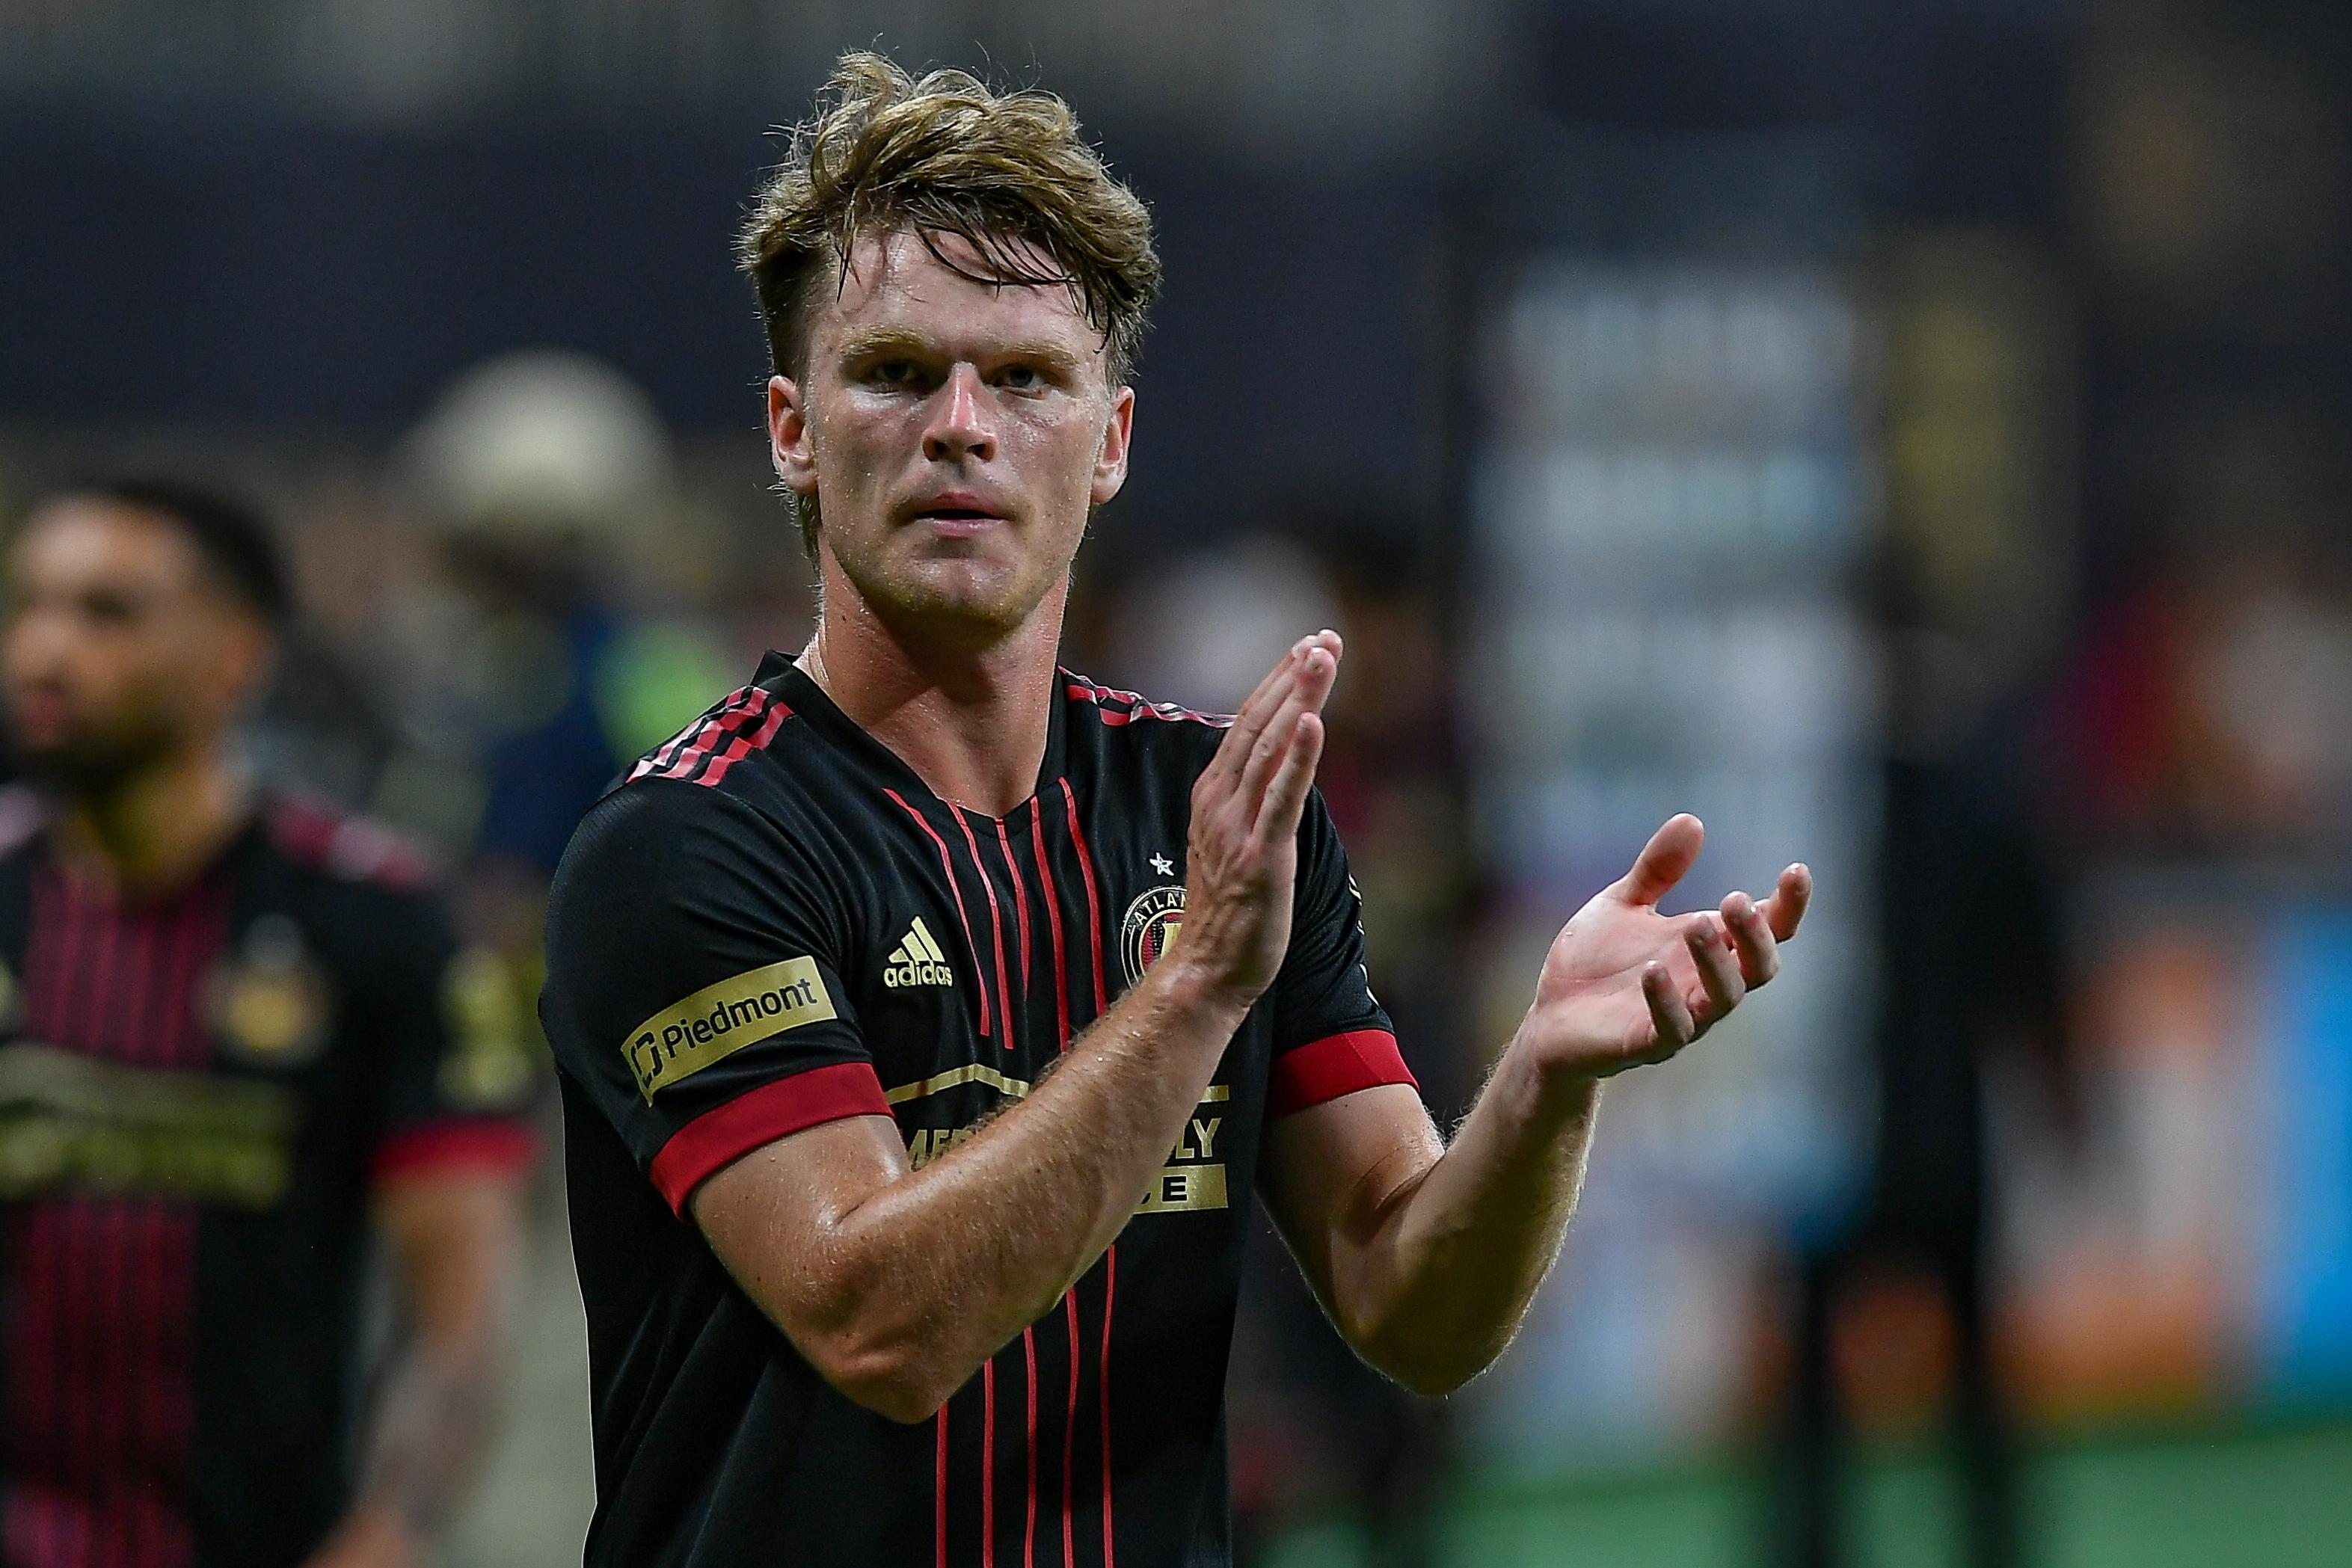 SOCCER: JUL 17 MLS - New England Revolution at Atlanta United FC